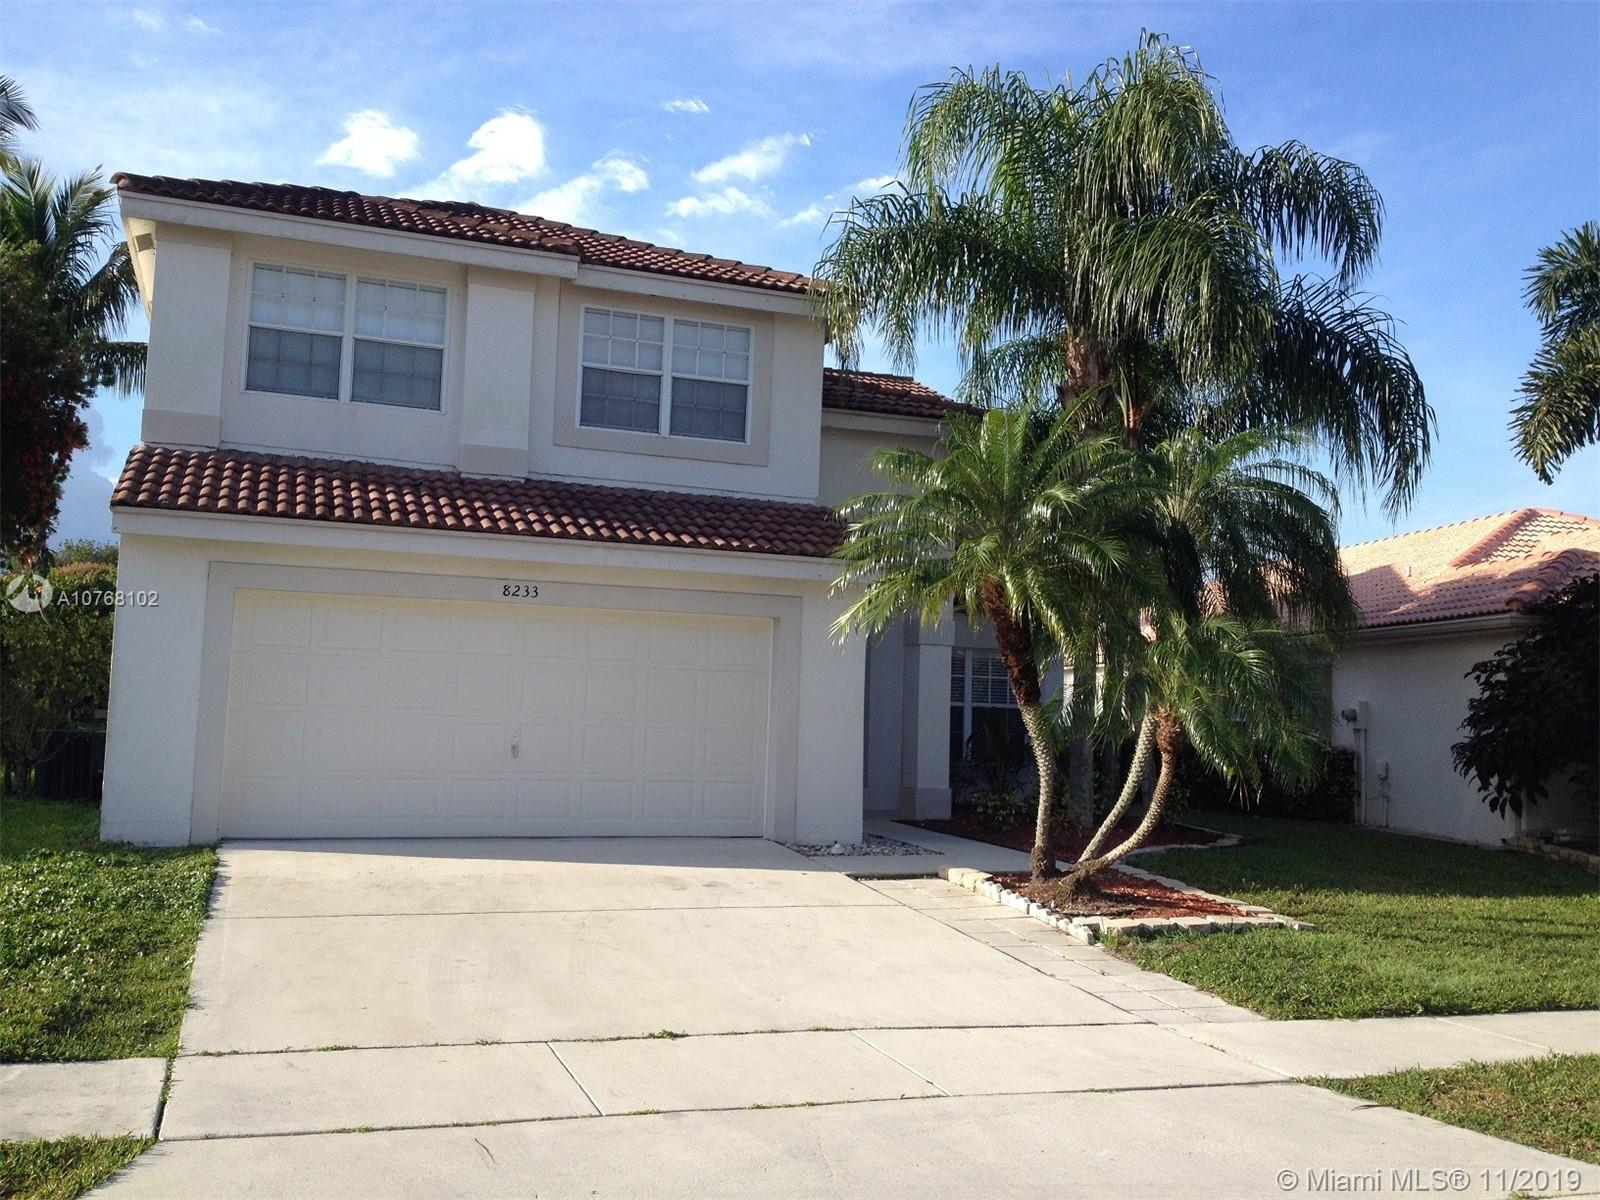 8233 White Rock Cir, Boynton Beach, FL 33436